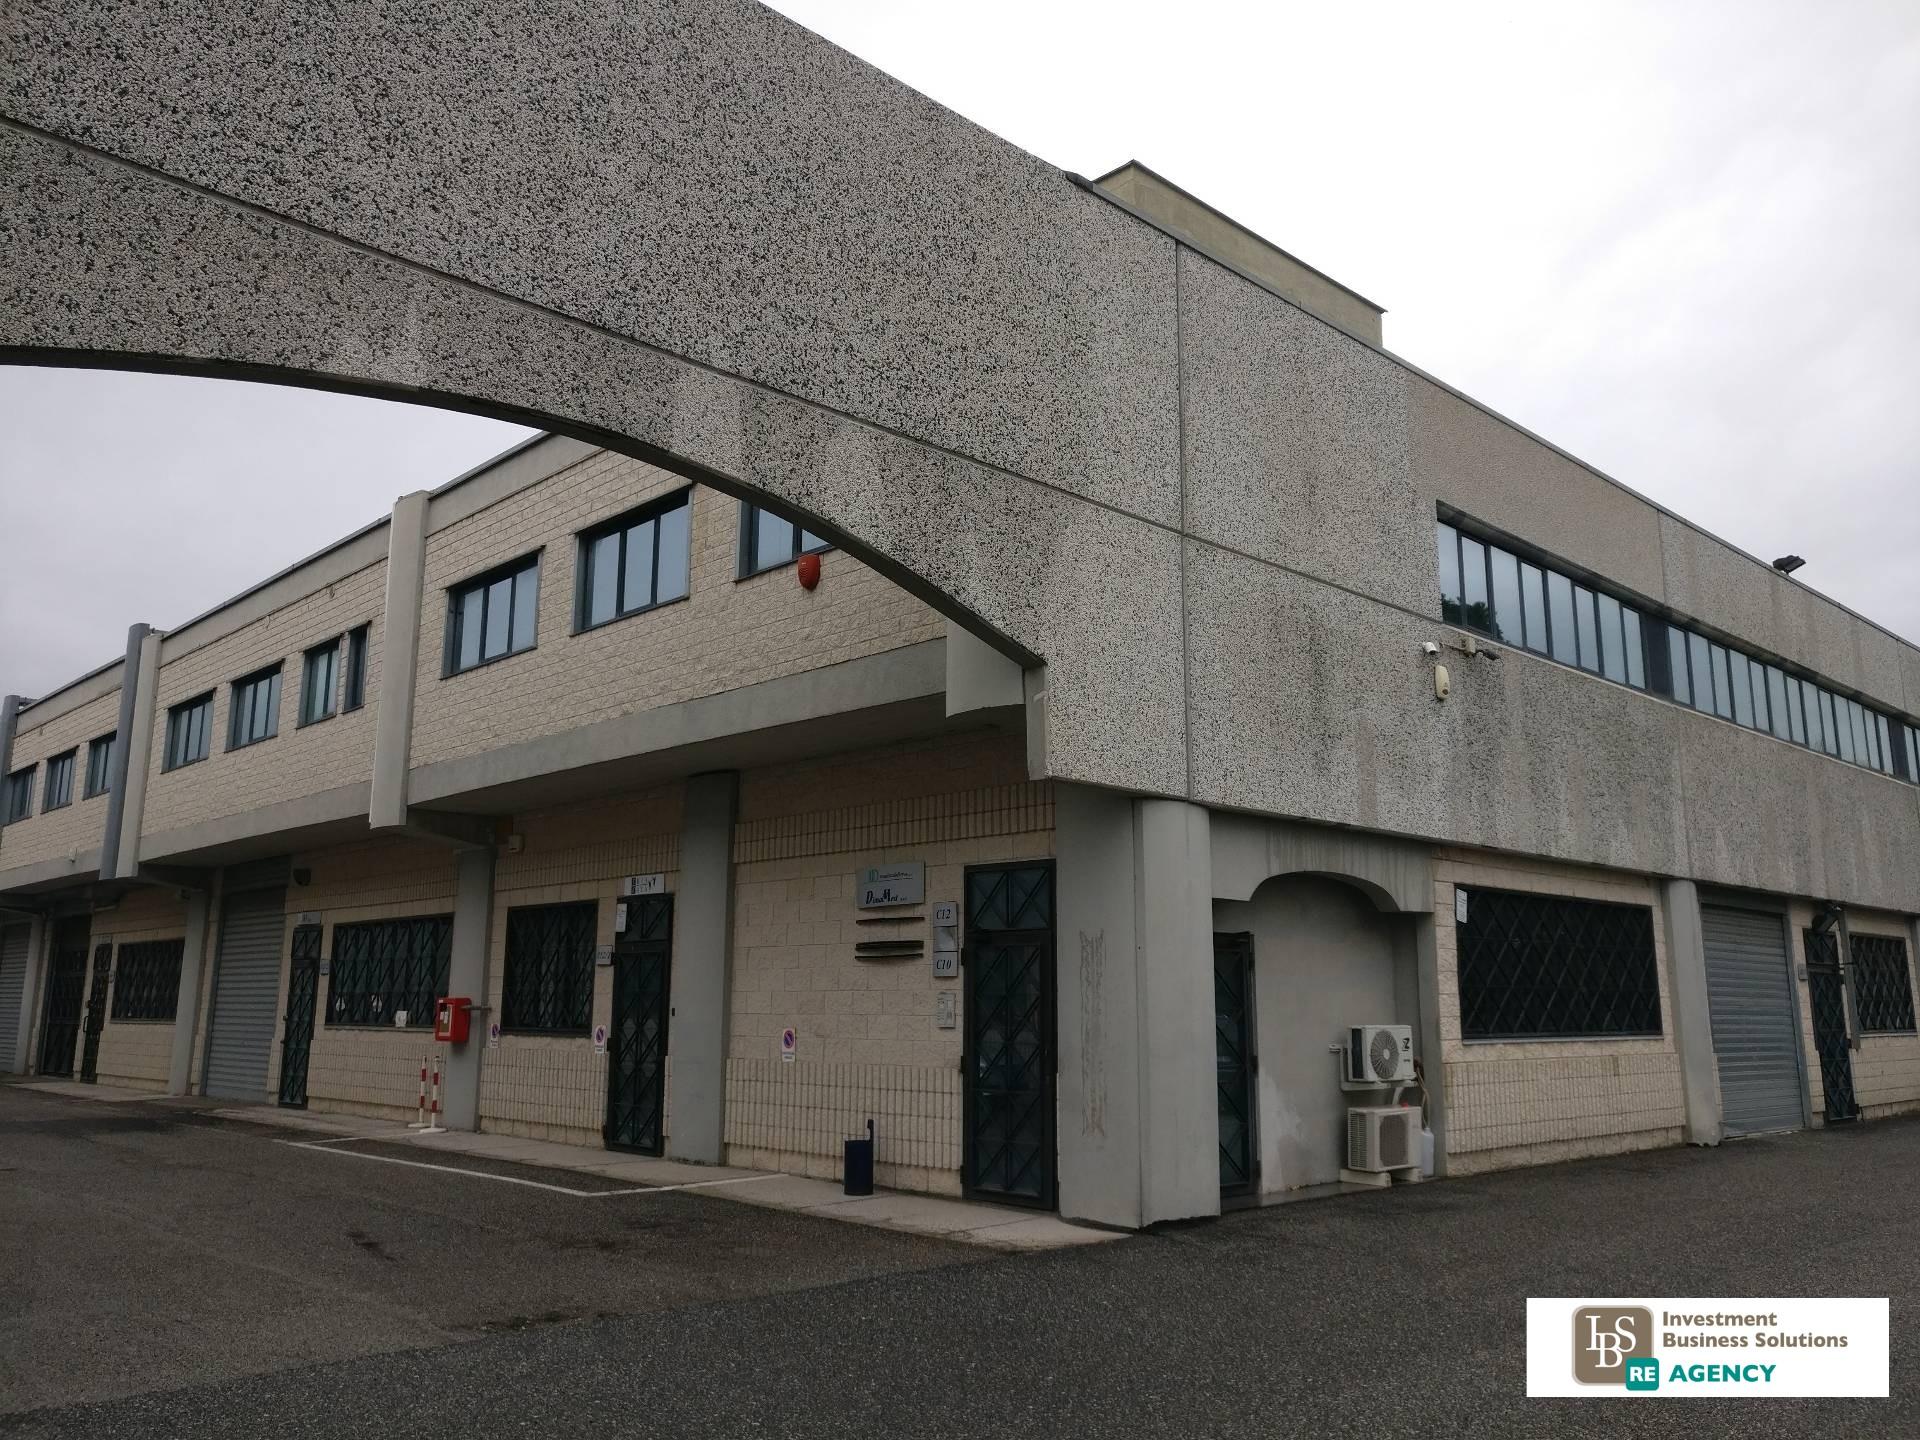 Laboratorio in vendita a Formello, 9999 locali, prezzo € 198.000 | CambioCasa.it